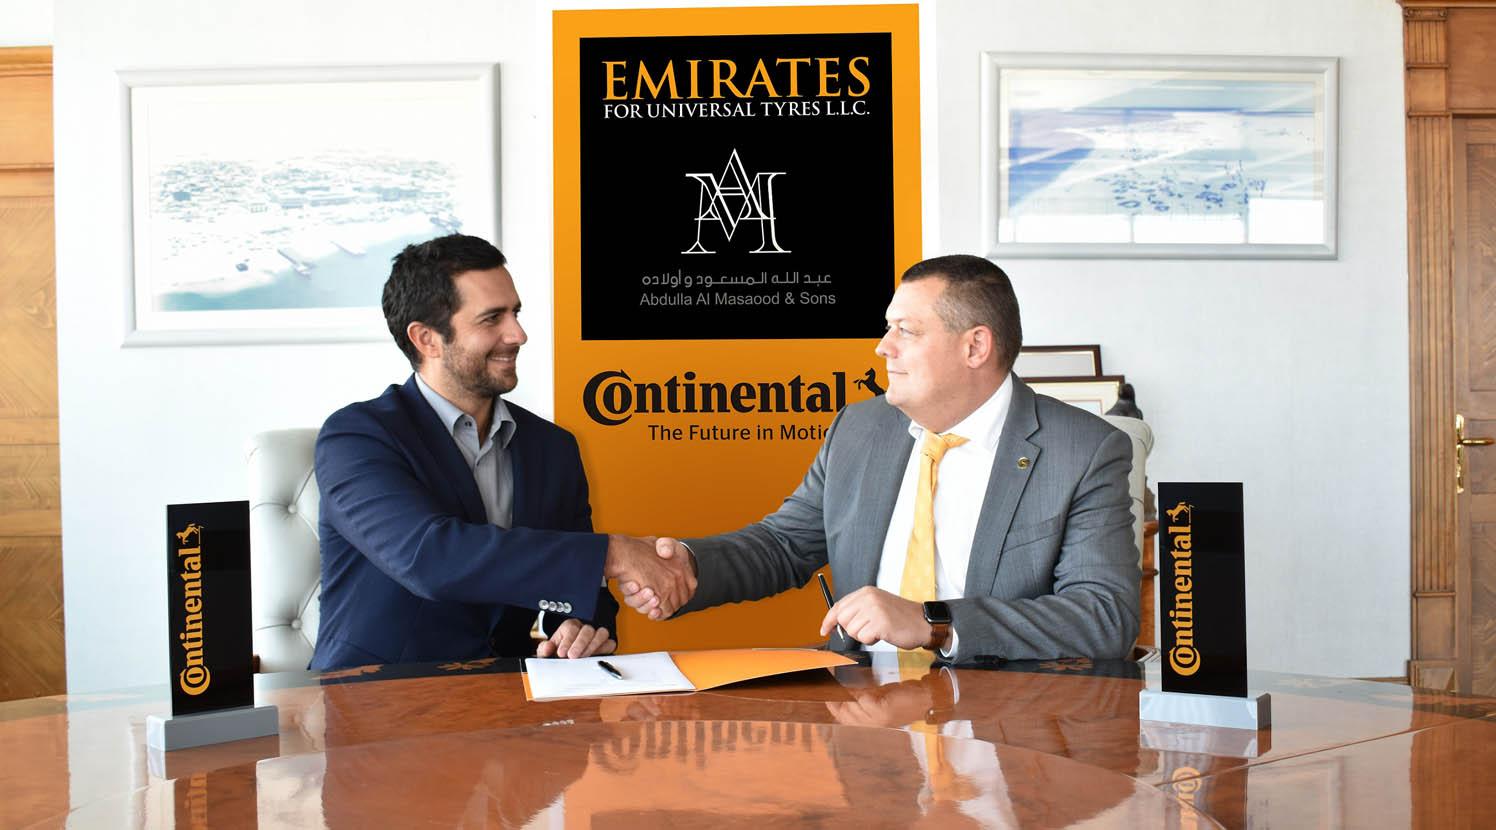 كونتيننتال تمدّد شراكتها مع الإماراتية للإطارات العالمية  حتى 2023 Image-1-L-R-Khalifa-